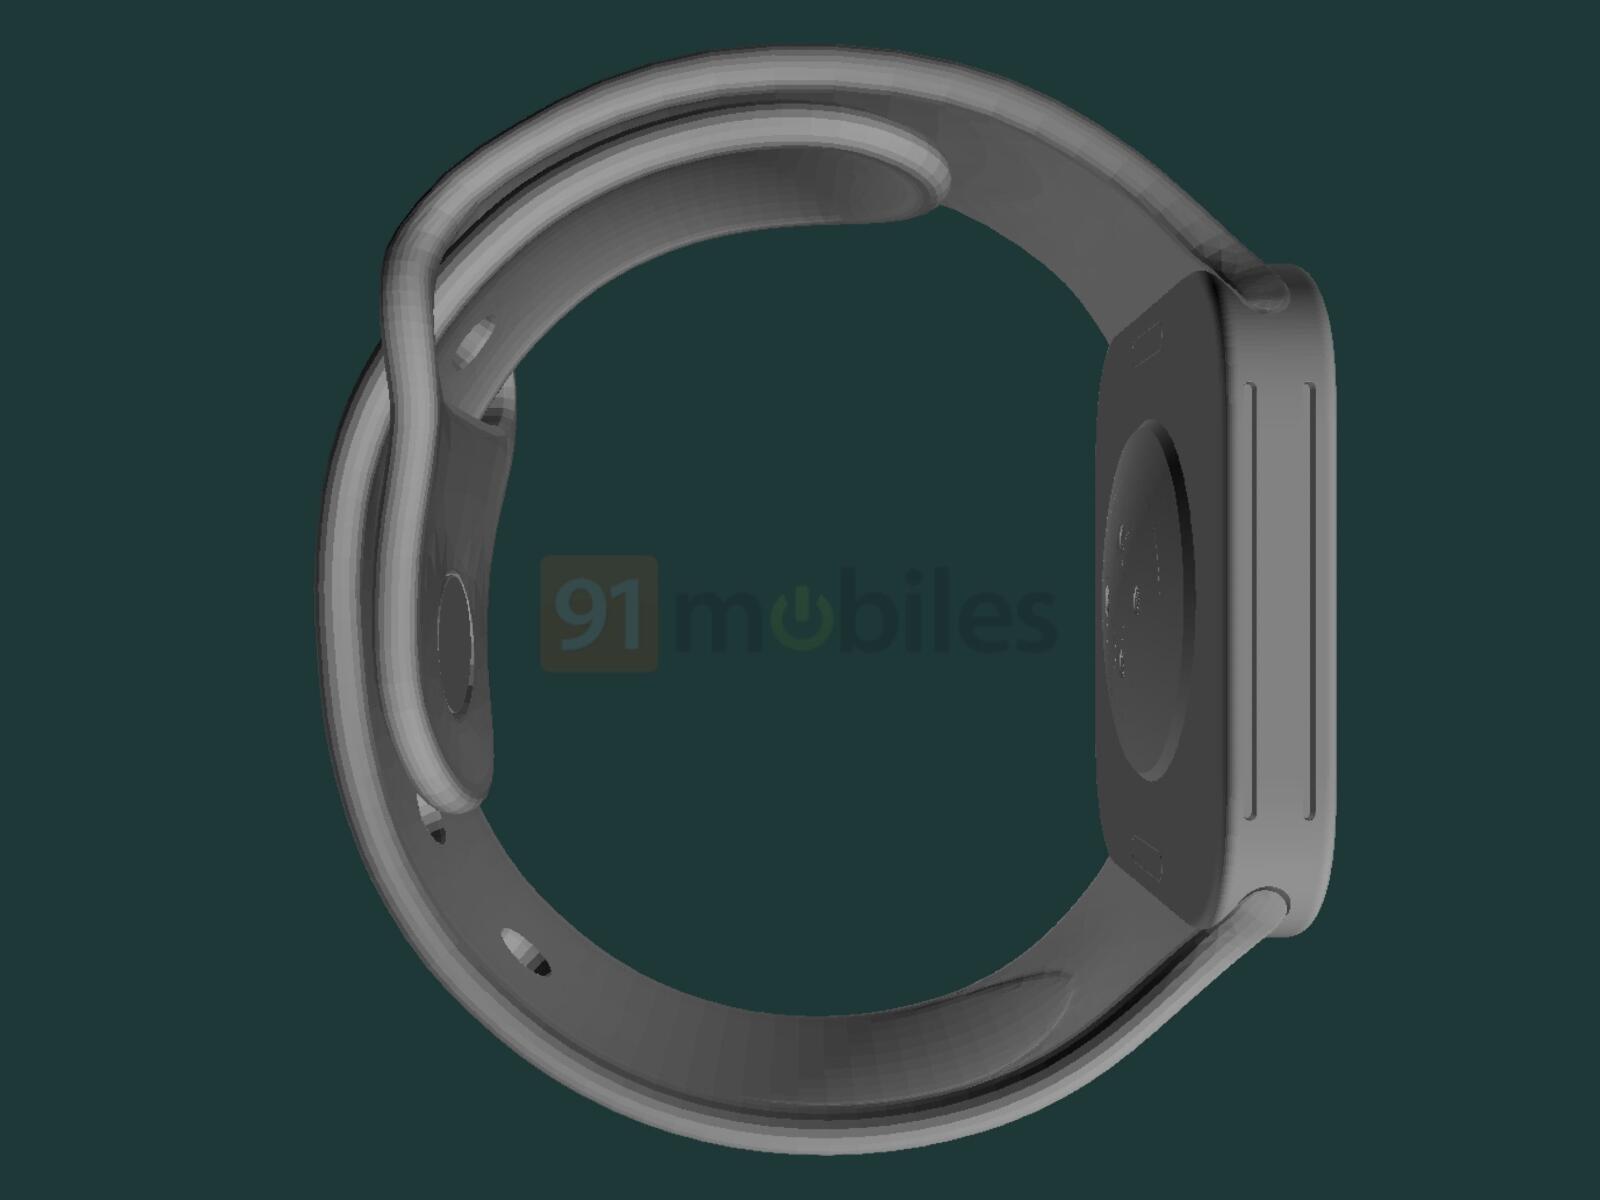 Apple Watch Series 7 Cad Leak Links